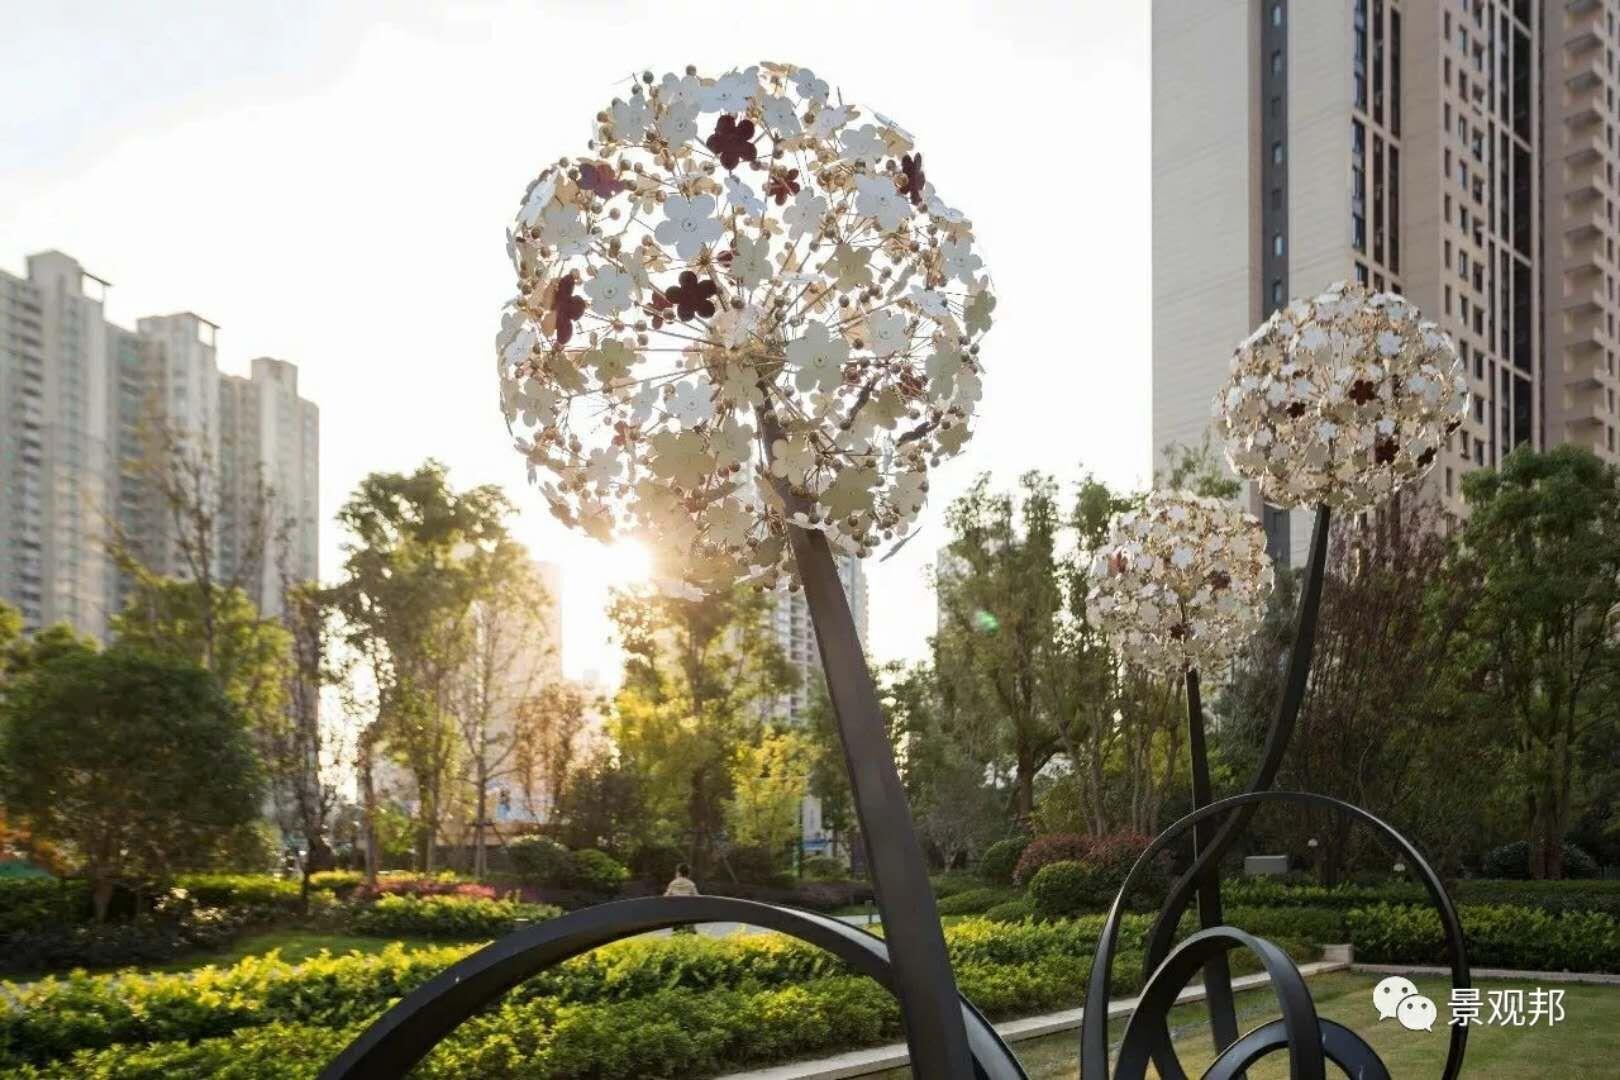 户外摆件不锈钢蒲公英雕塑简约镂空金属植物景观